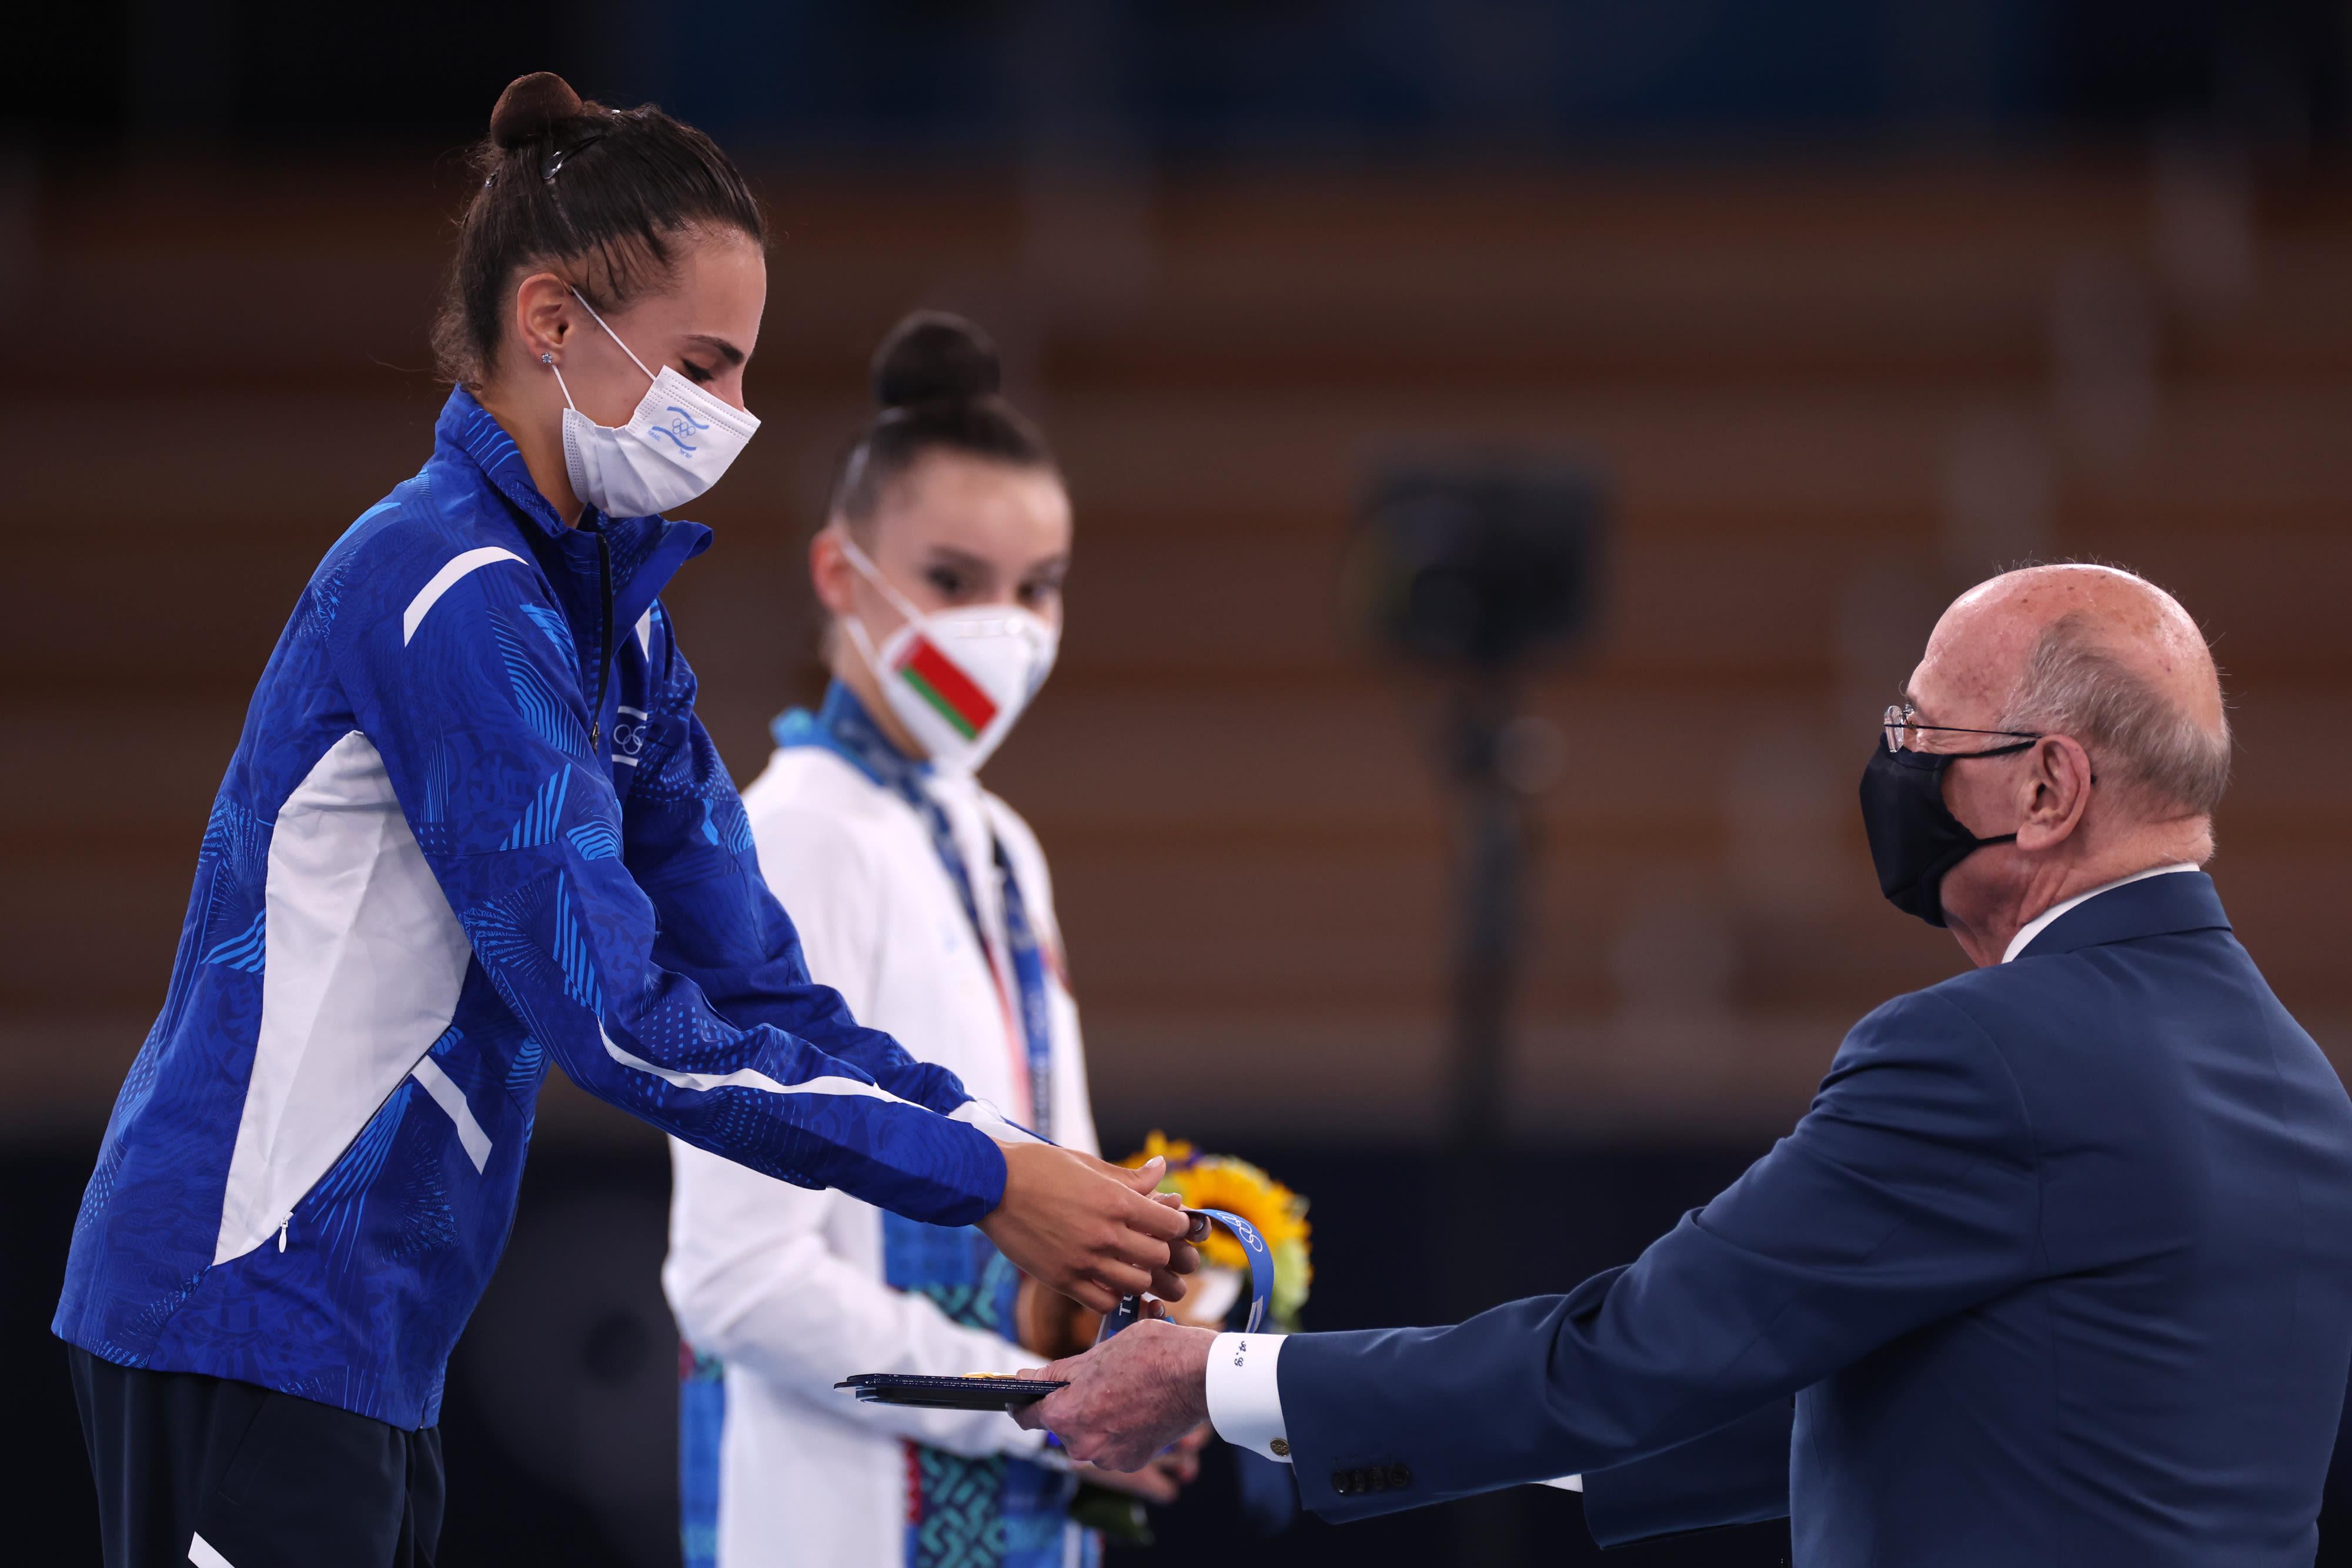 לינוי אשרם מתעמלת אומנותית ישראלית מקבלת מדליית זהב מידי אלכס גלעדי